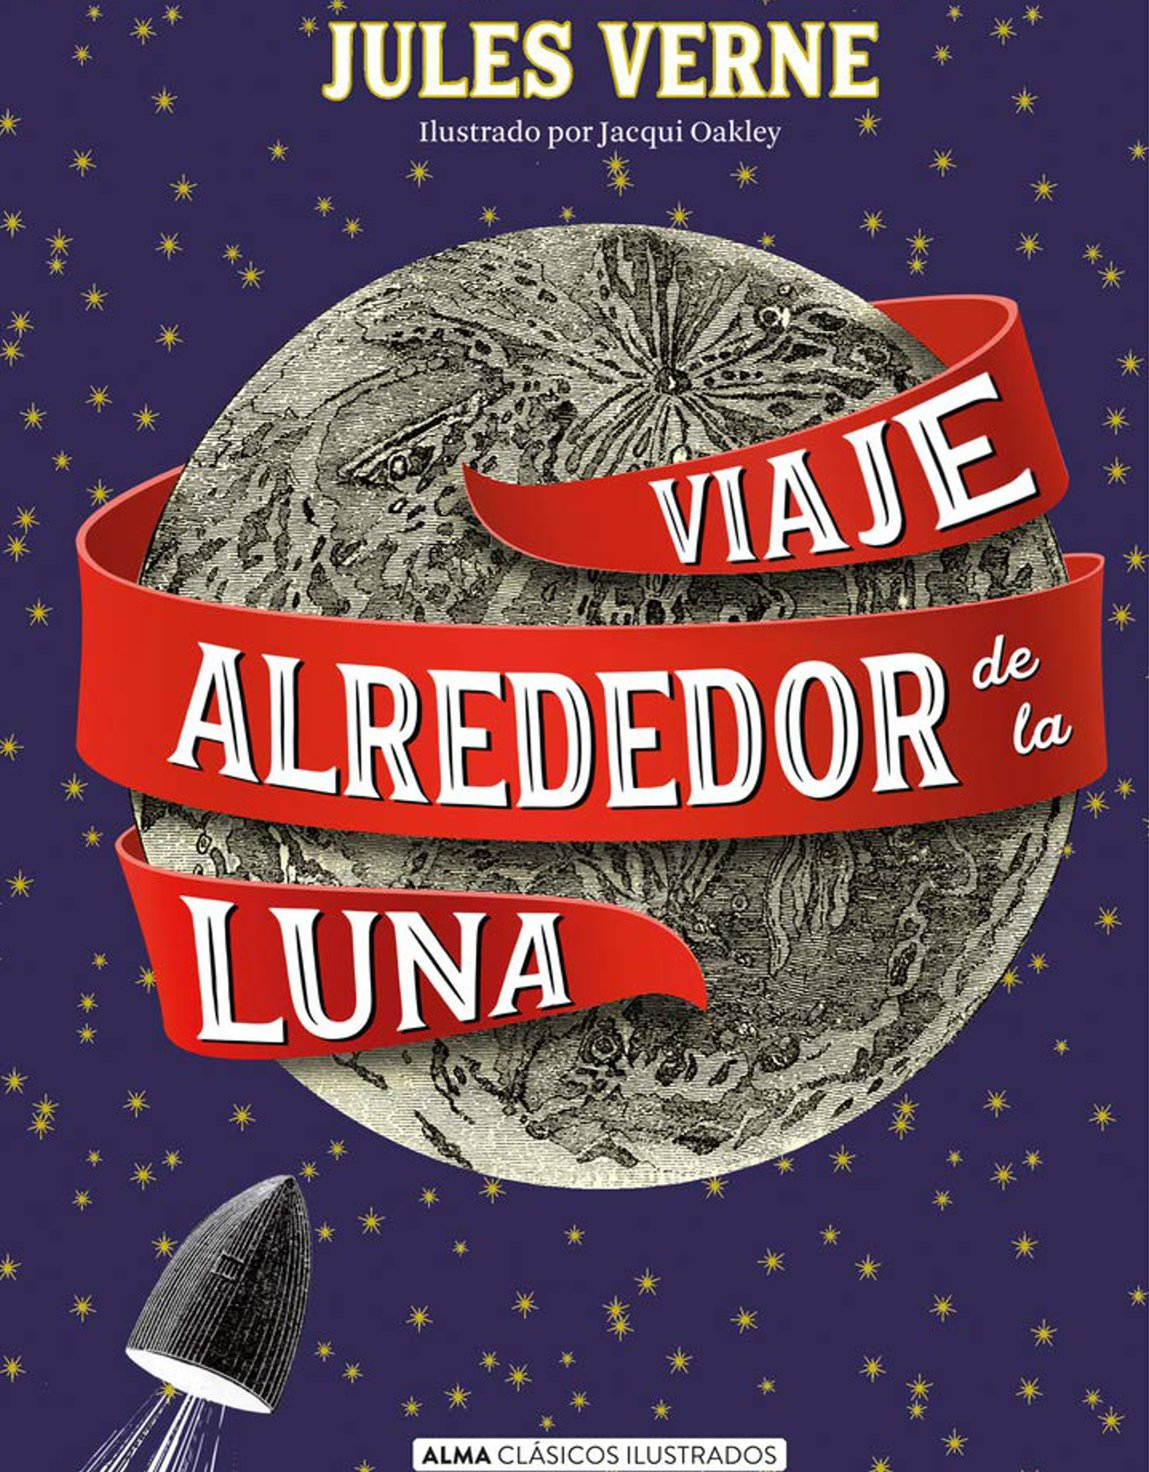 'Viaje alrededor de la luna', de Julio Verne (Alma Editorial Clásicos Ilustrados)